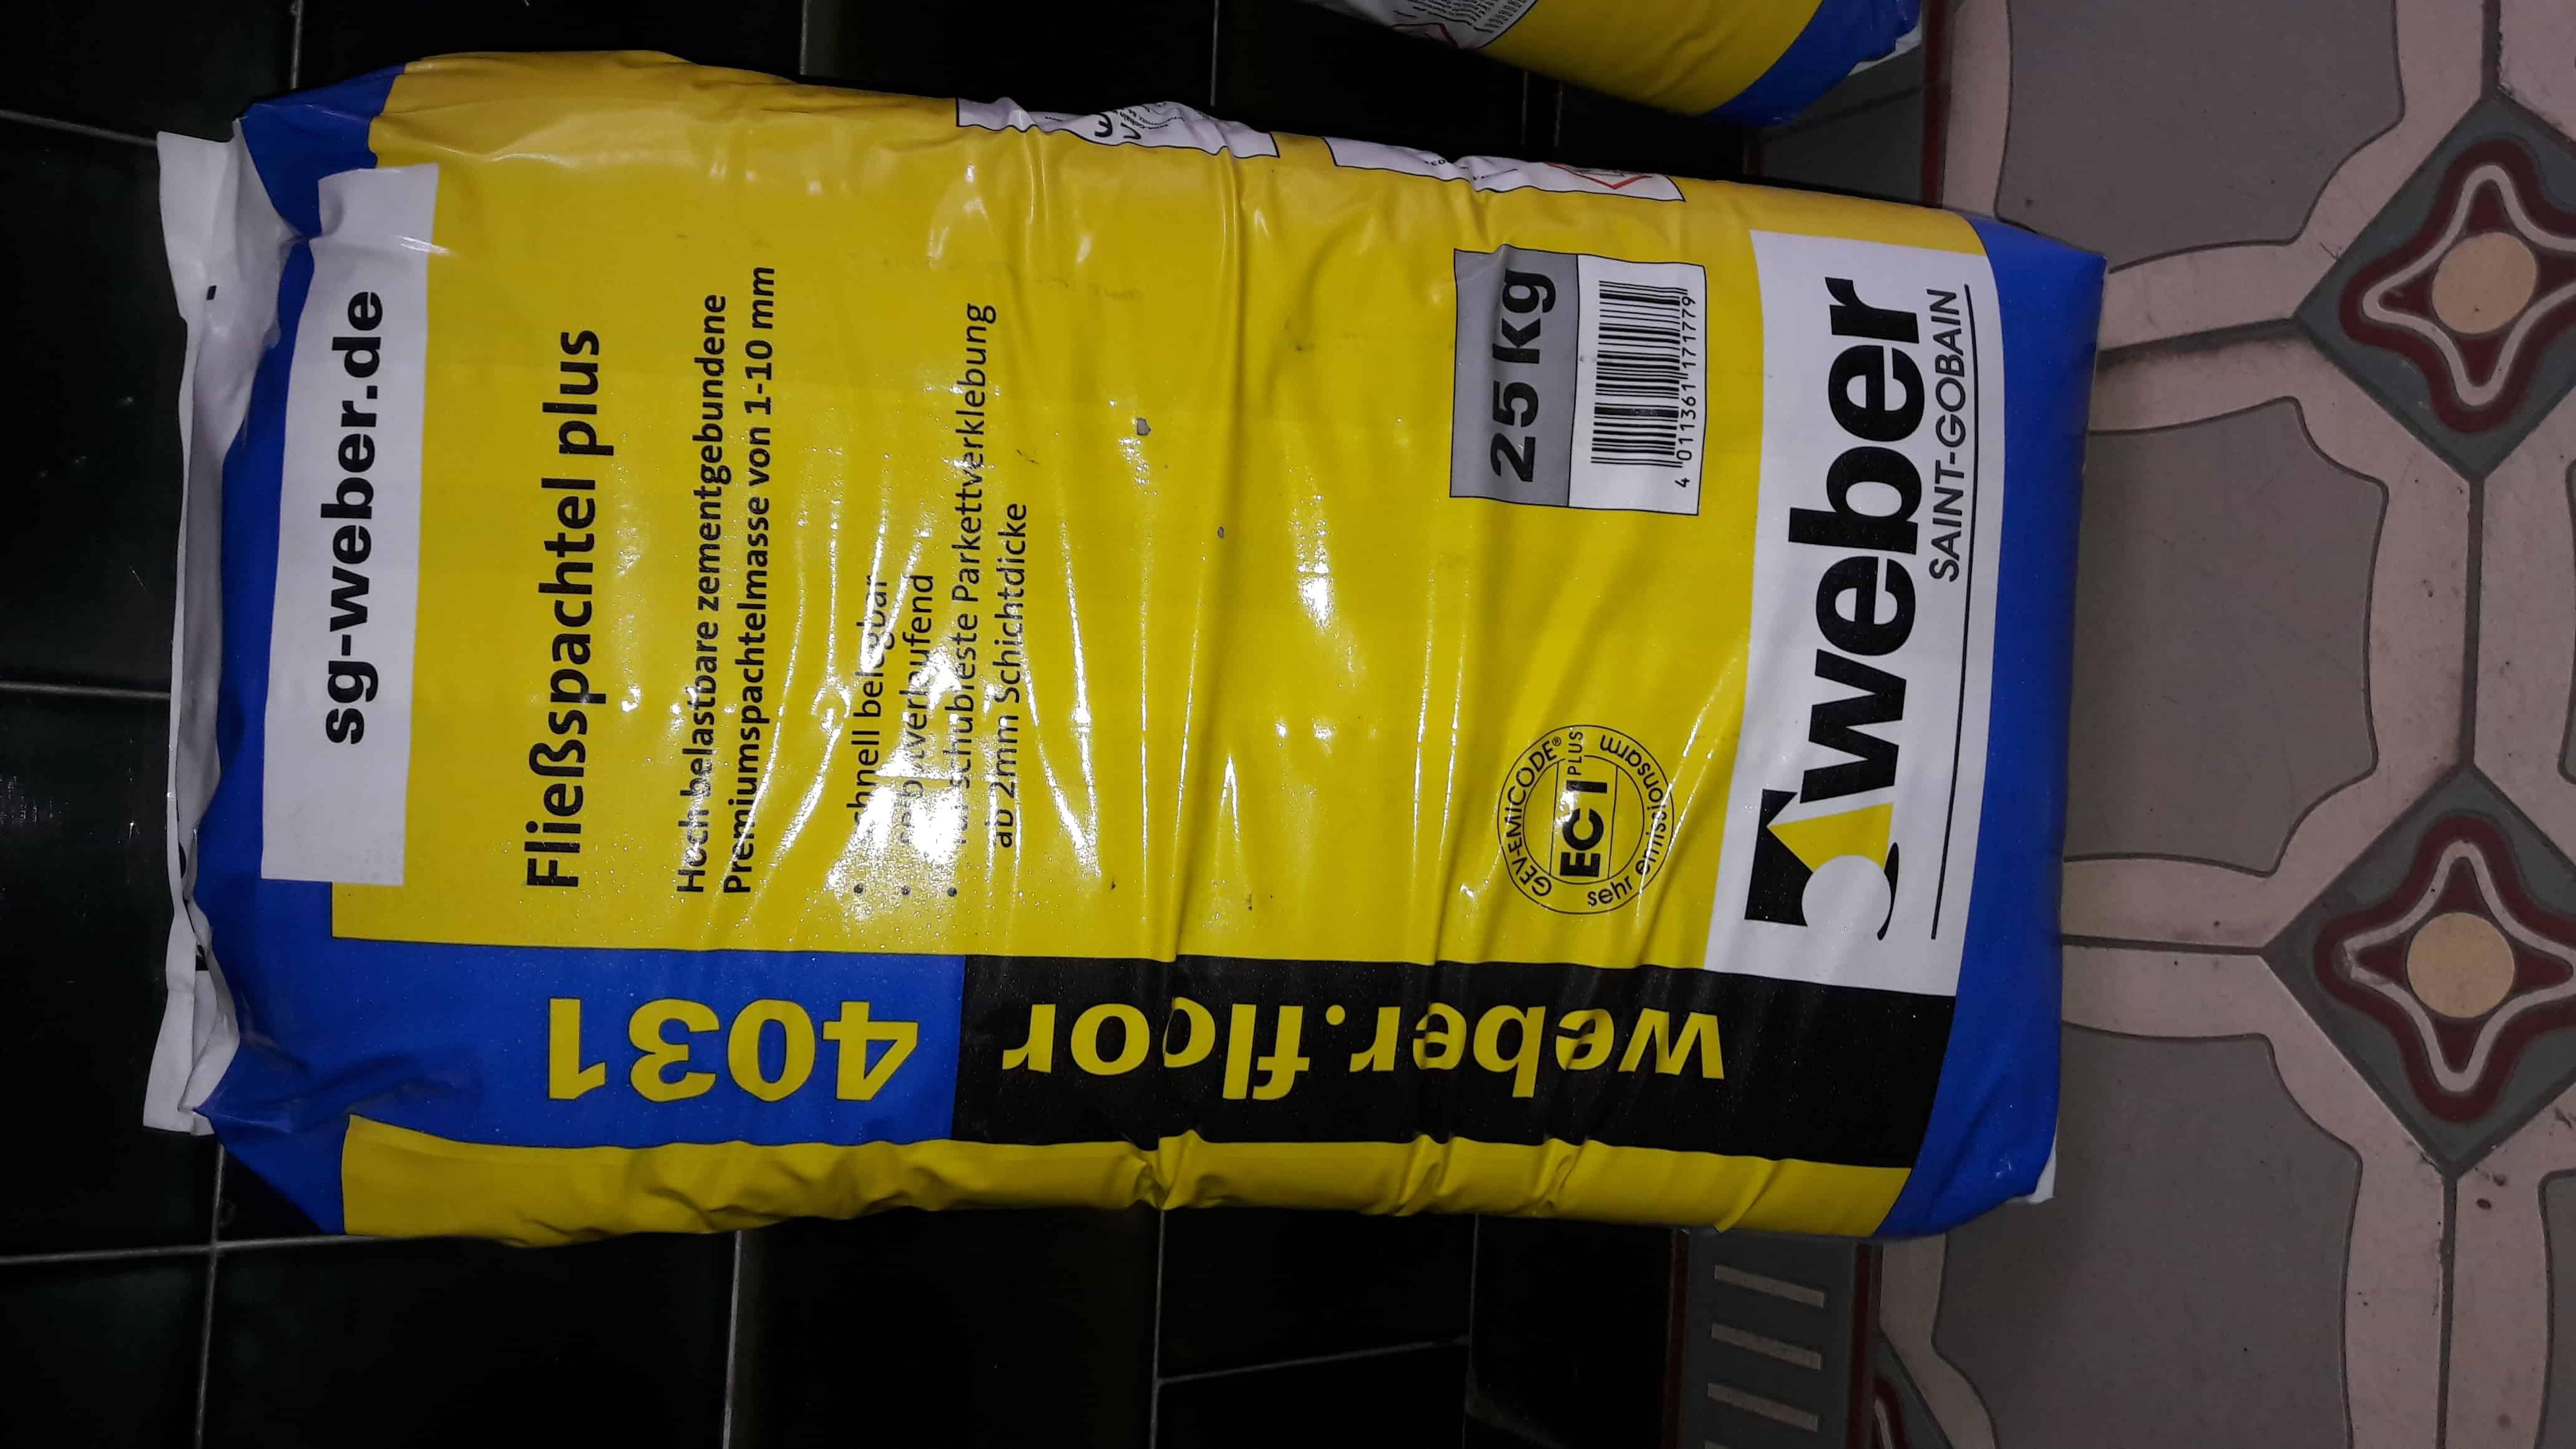 Fußboden Günstig Gebraucht ~ Weber floor fußboden ausgleichmasse günstig kaufen im